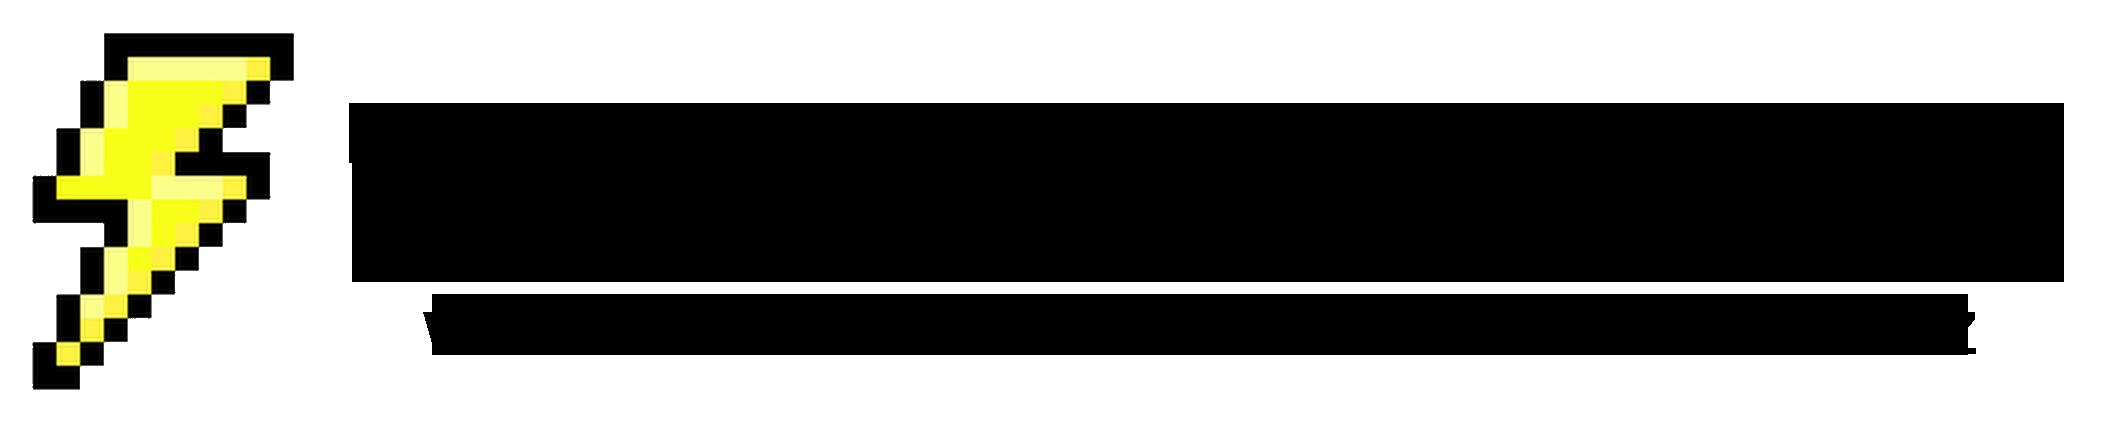 ТехЭлектро-Азия - продажа электротехнического оборудования и систем молниезащиты и заземления